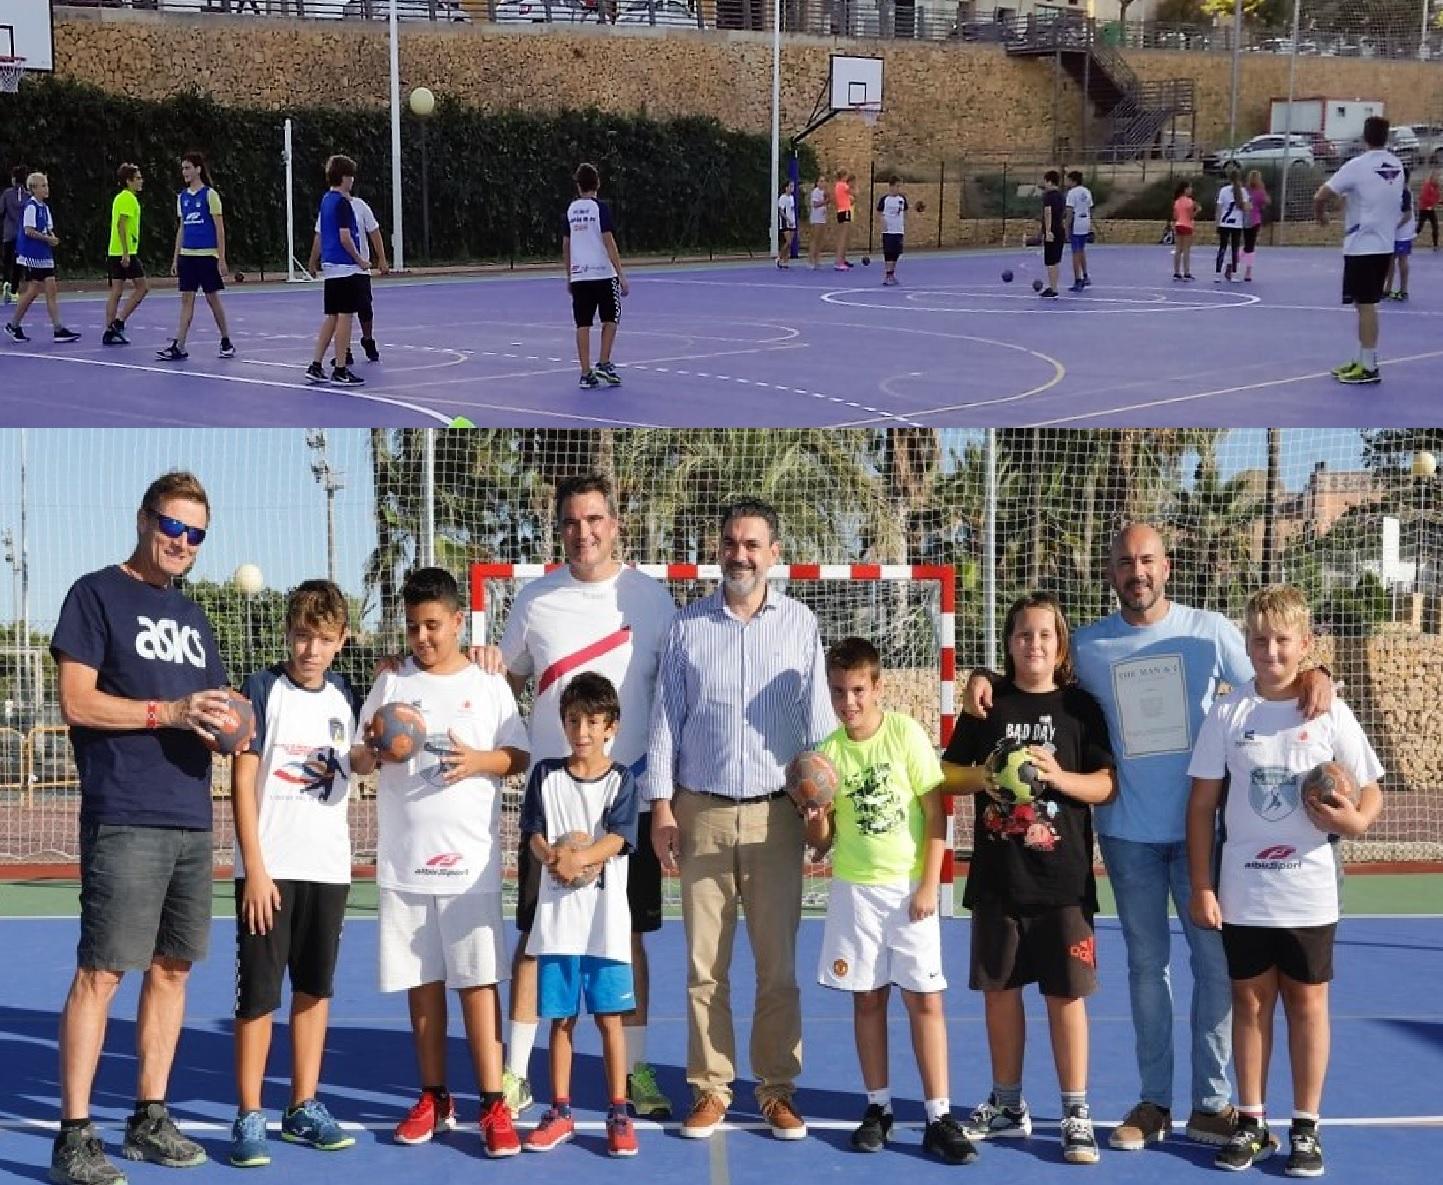 El Balonmano l'Alfàs del Pi recibe la visita del alcalde y concejal de deportes antes del inicio de la temporada.